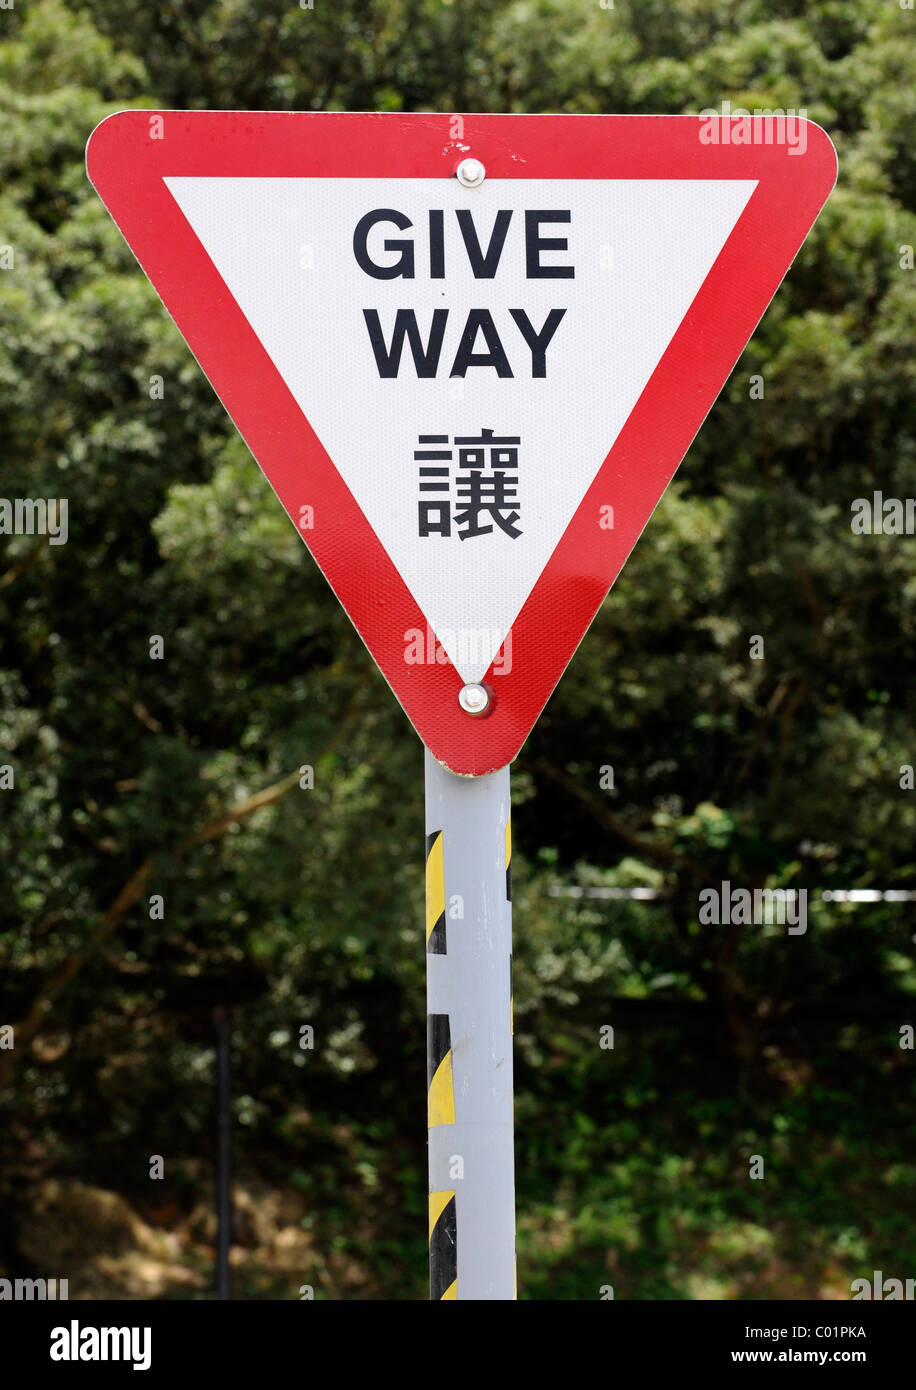 Chinese traffic sign, Yield, Hong Kong, China, Asia - Stock Image